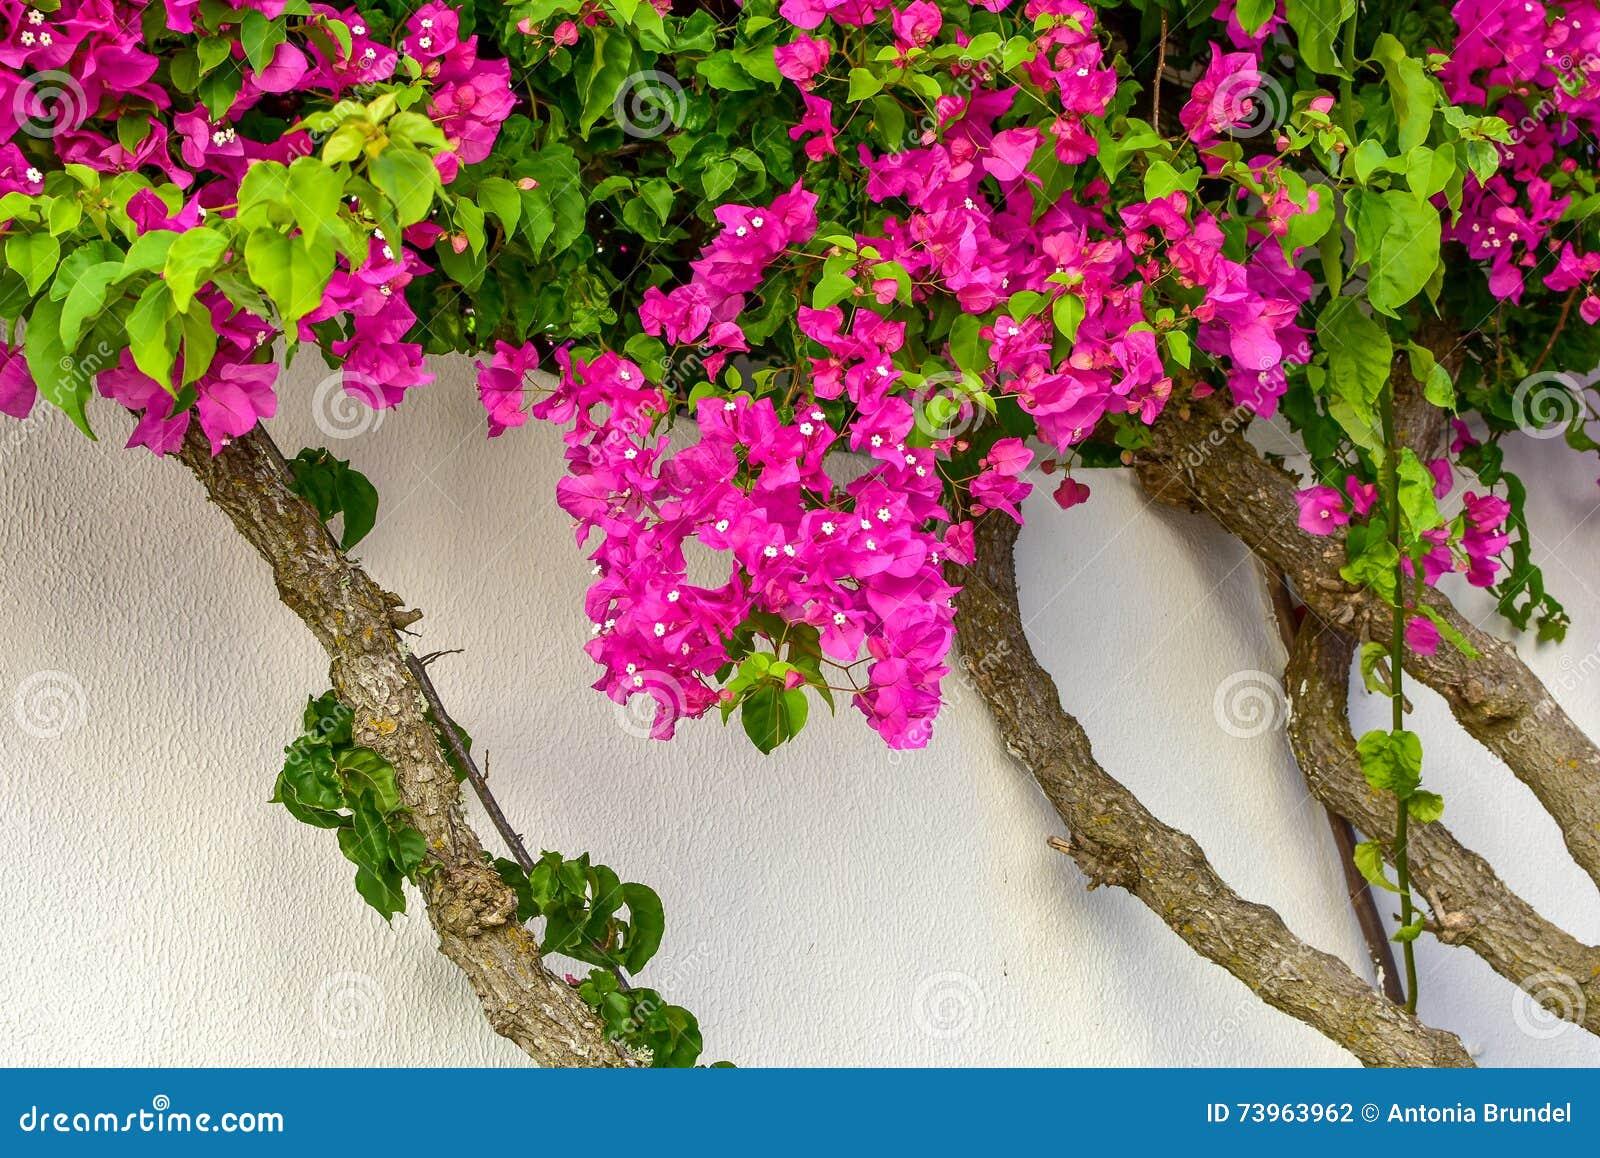 Bougainville Fleur avec fleurs de bougainville photos stock - inscription gratuite